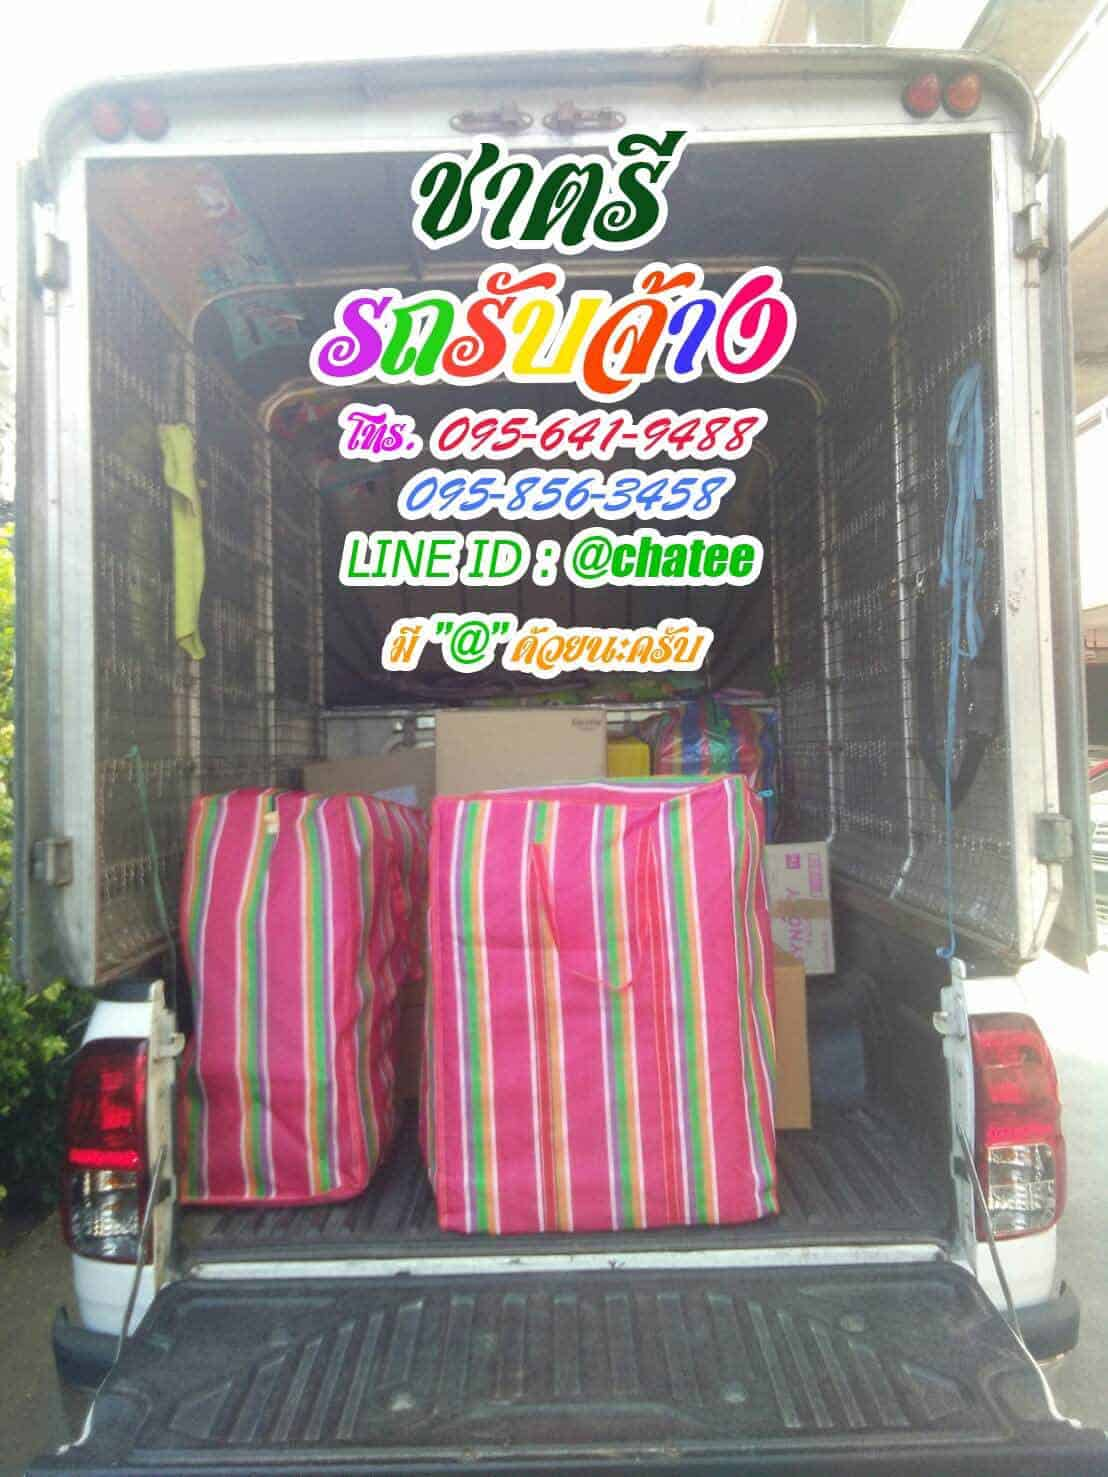 รถรับจ้างขนของจากราชพฤกษ์ไปราชเทวี